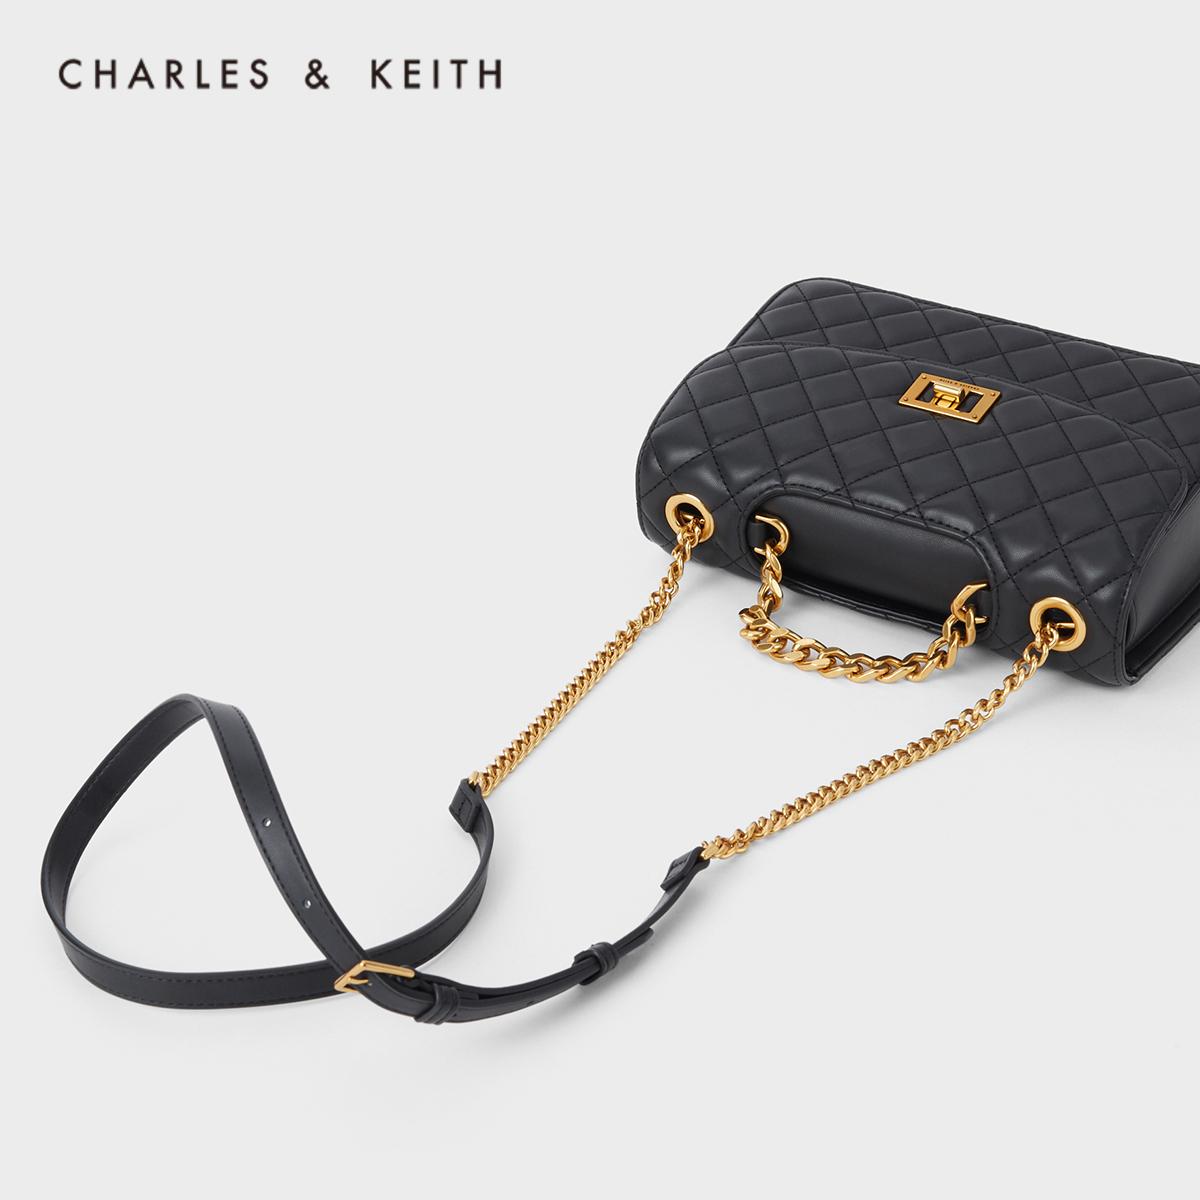 女士链条单肩包菱格包 1 70701062 CK2 秋季新品 KEITH2020 & CHARLES